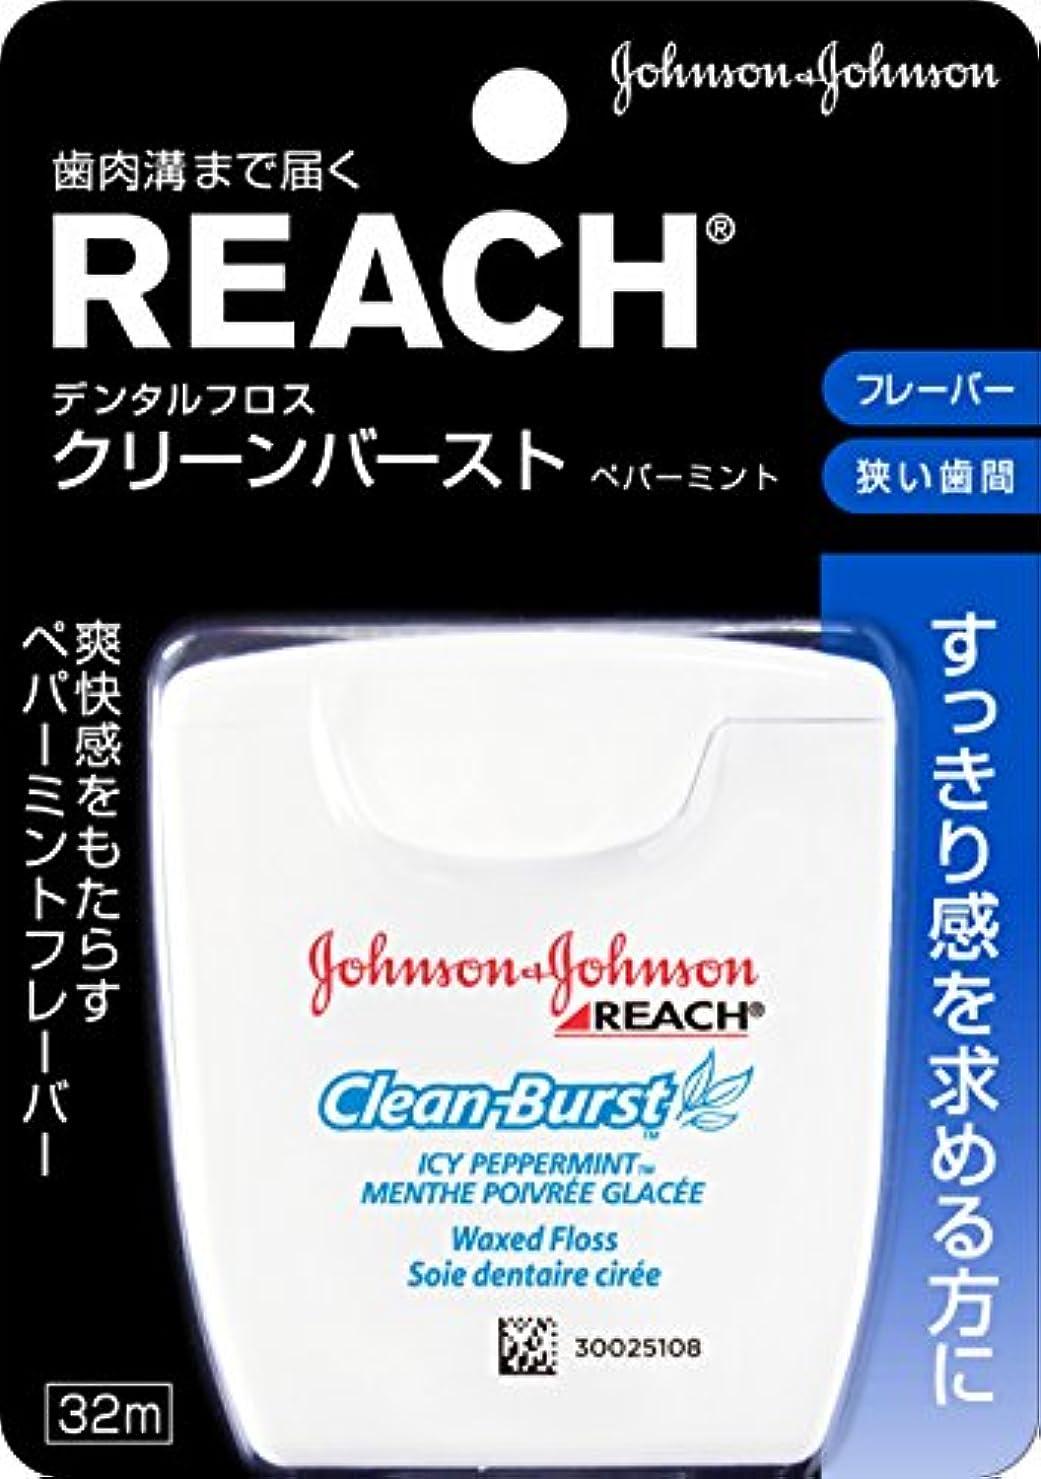 例かび臭い辞任REACH(リーチ) デンタルフロス クリ-ンバ-スト ペパーミント 32m